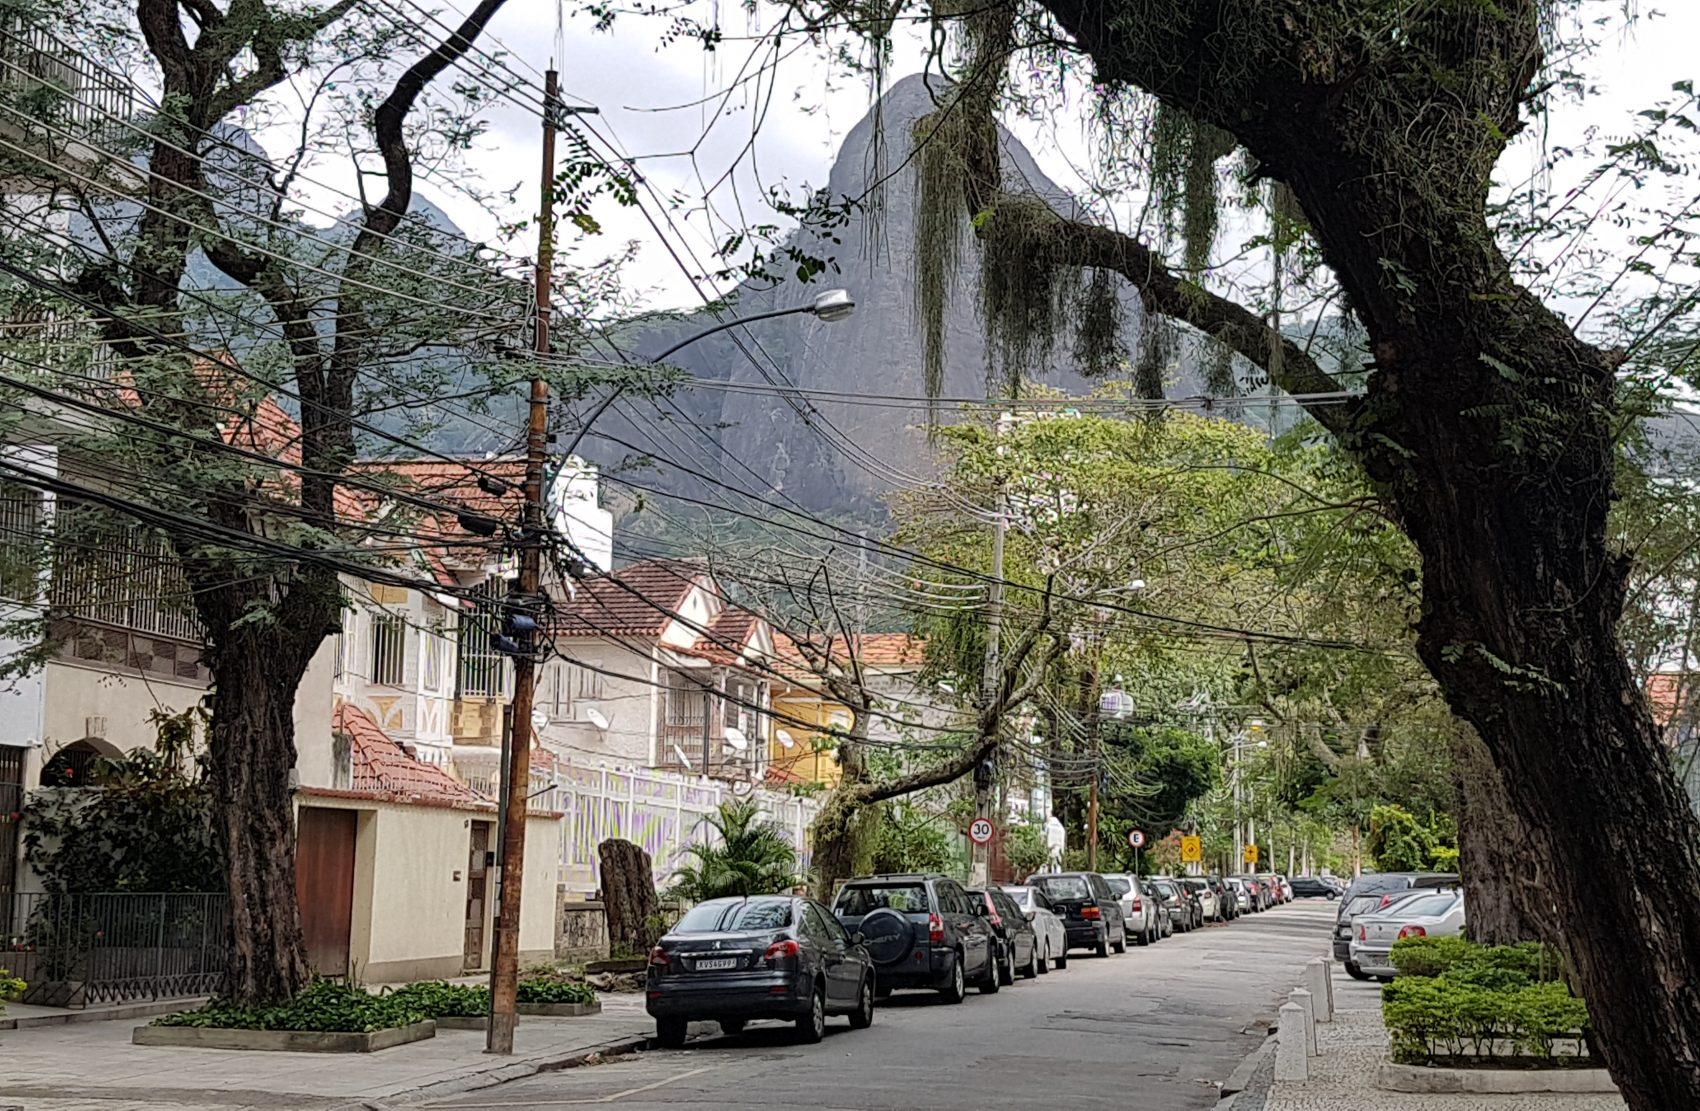 Rua do Grajaú com suas árvores e casas e o Parque Estadual ao fundo: cenário de bairro que conseguiu resistir à avalanche imobiliária (Foto: Oscar Valporto)